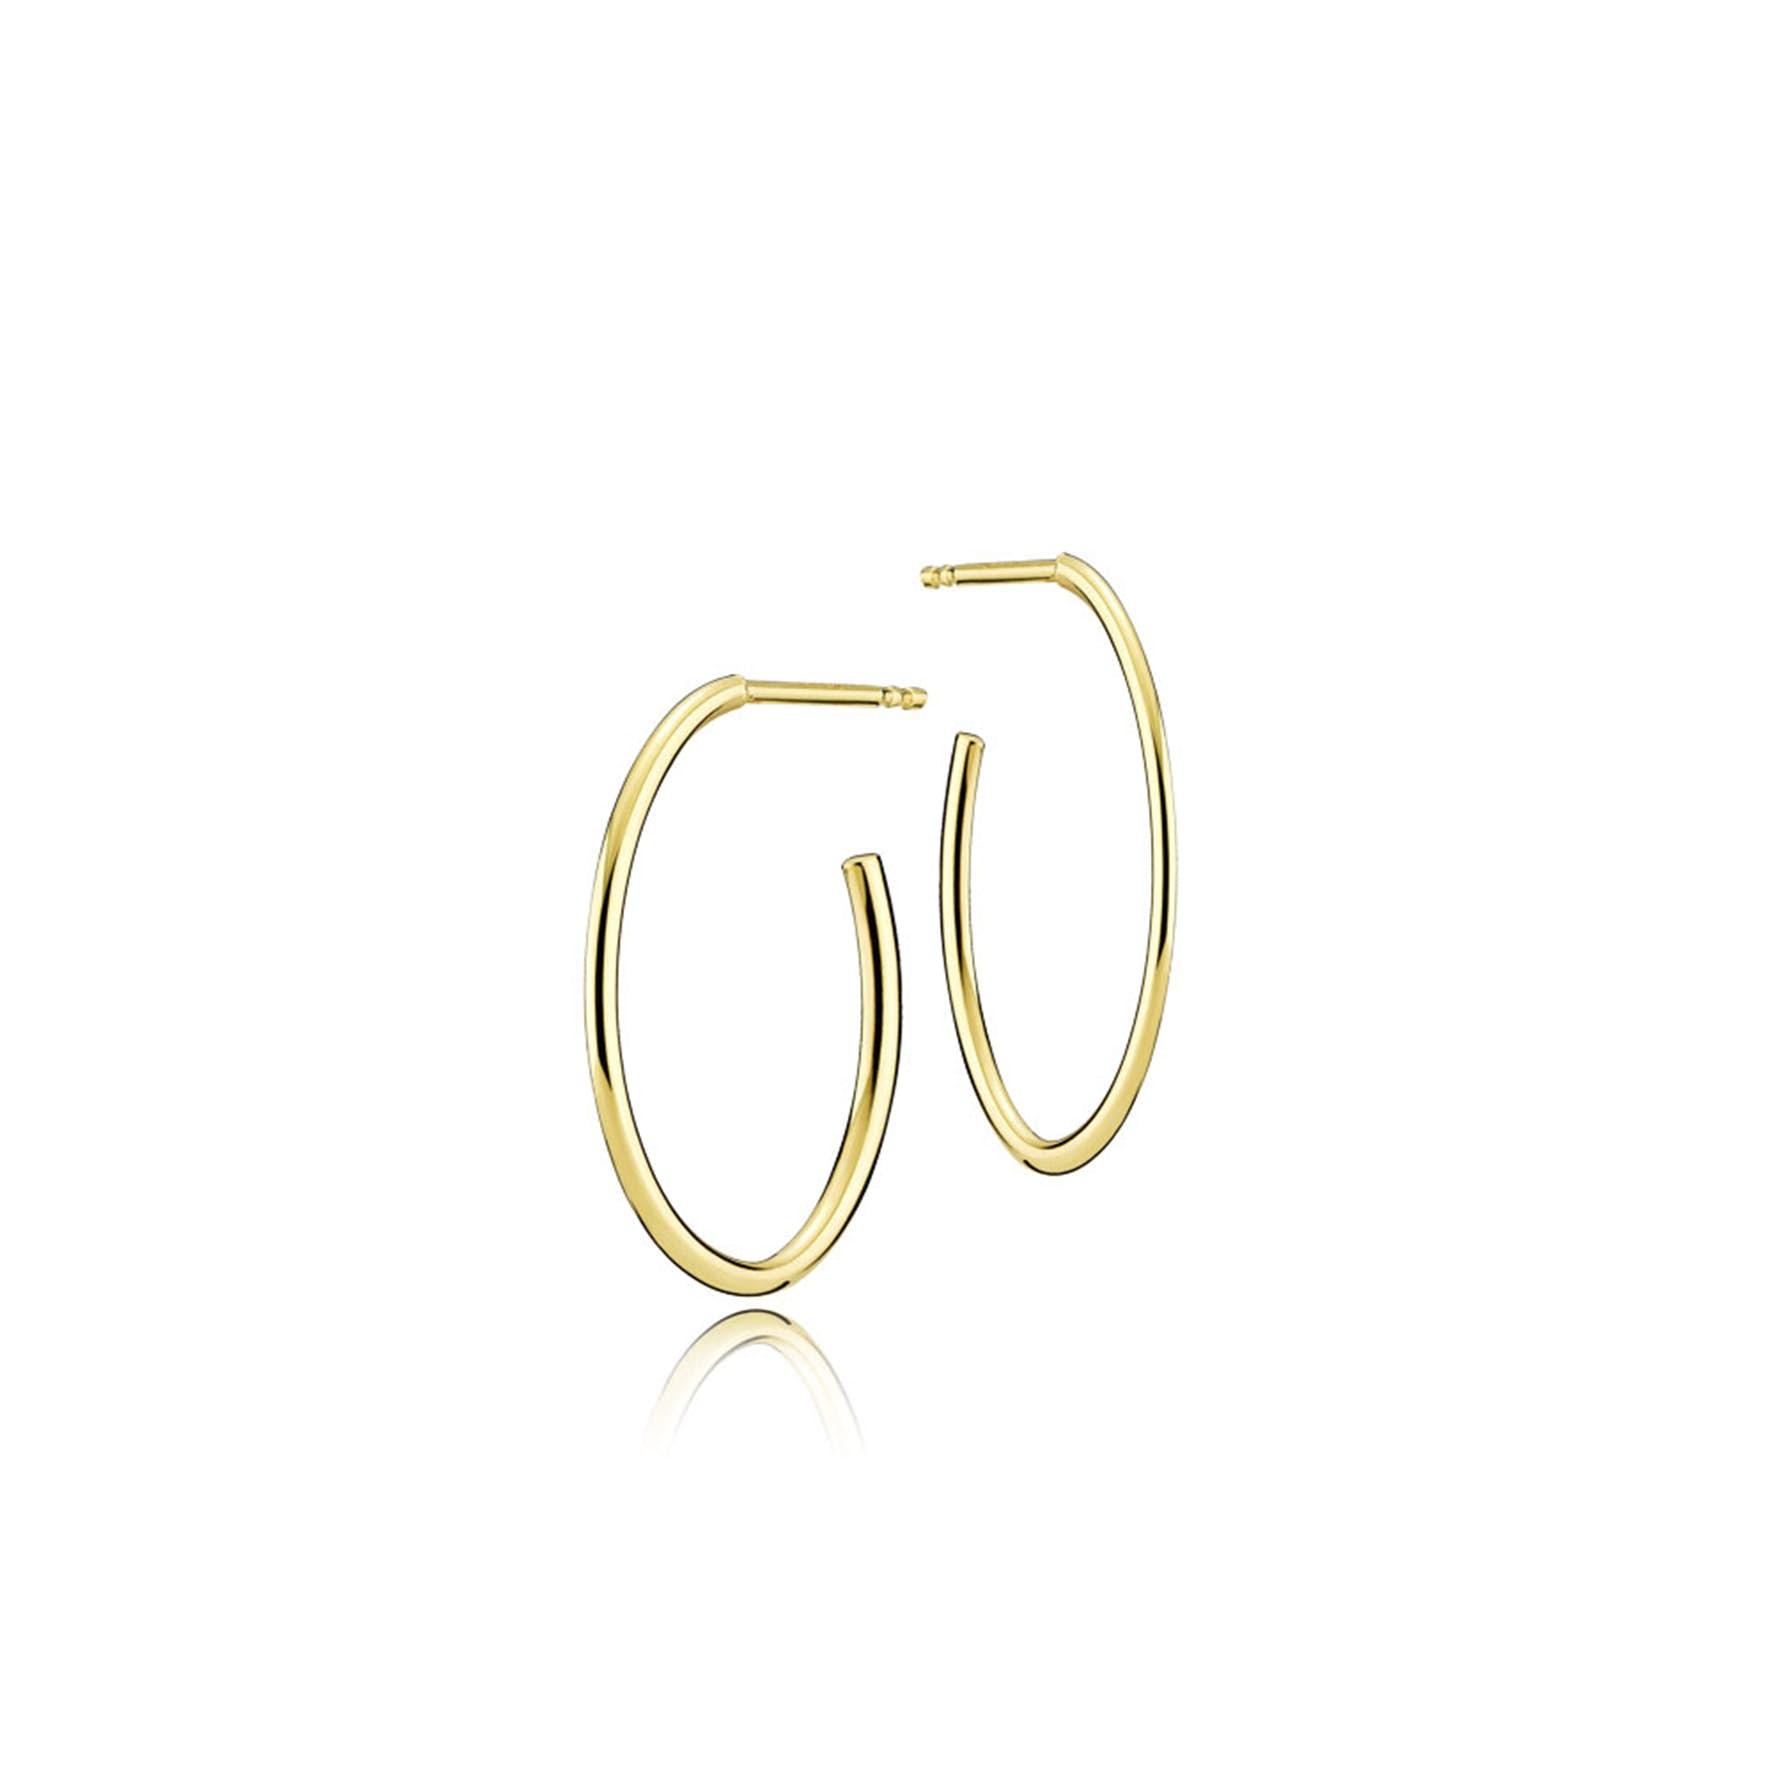 Endless Earrings fra Izabel Camille i Forgyldt-Sølv Sterling 925